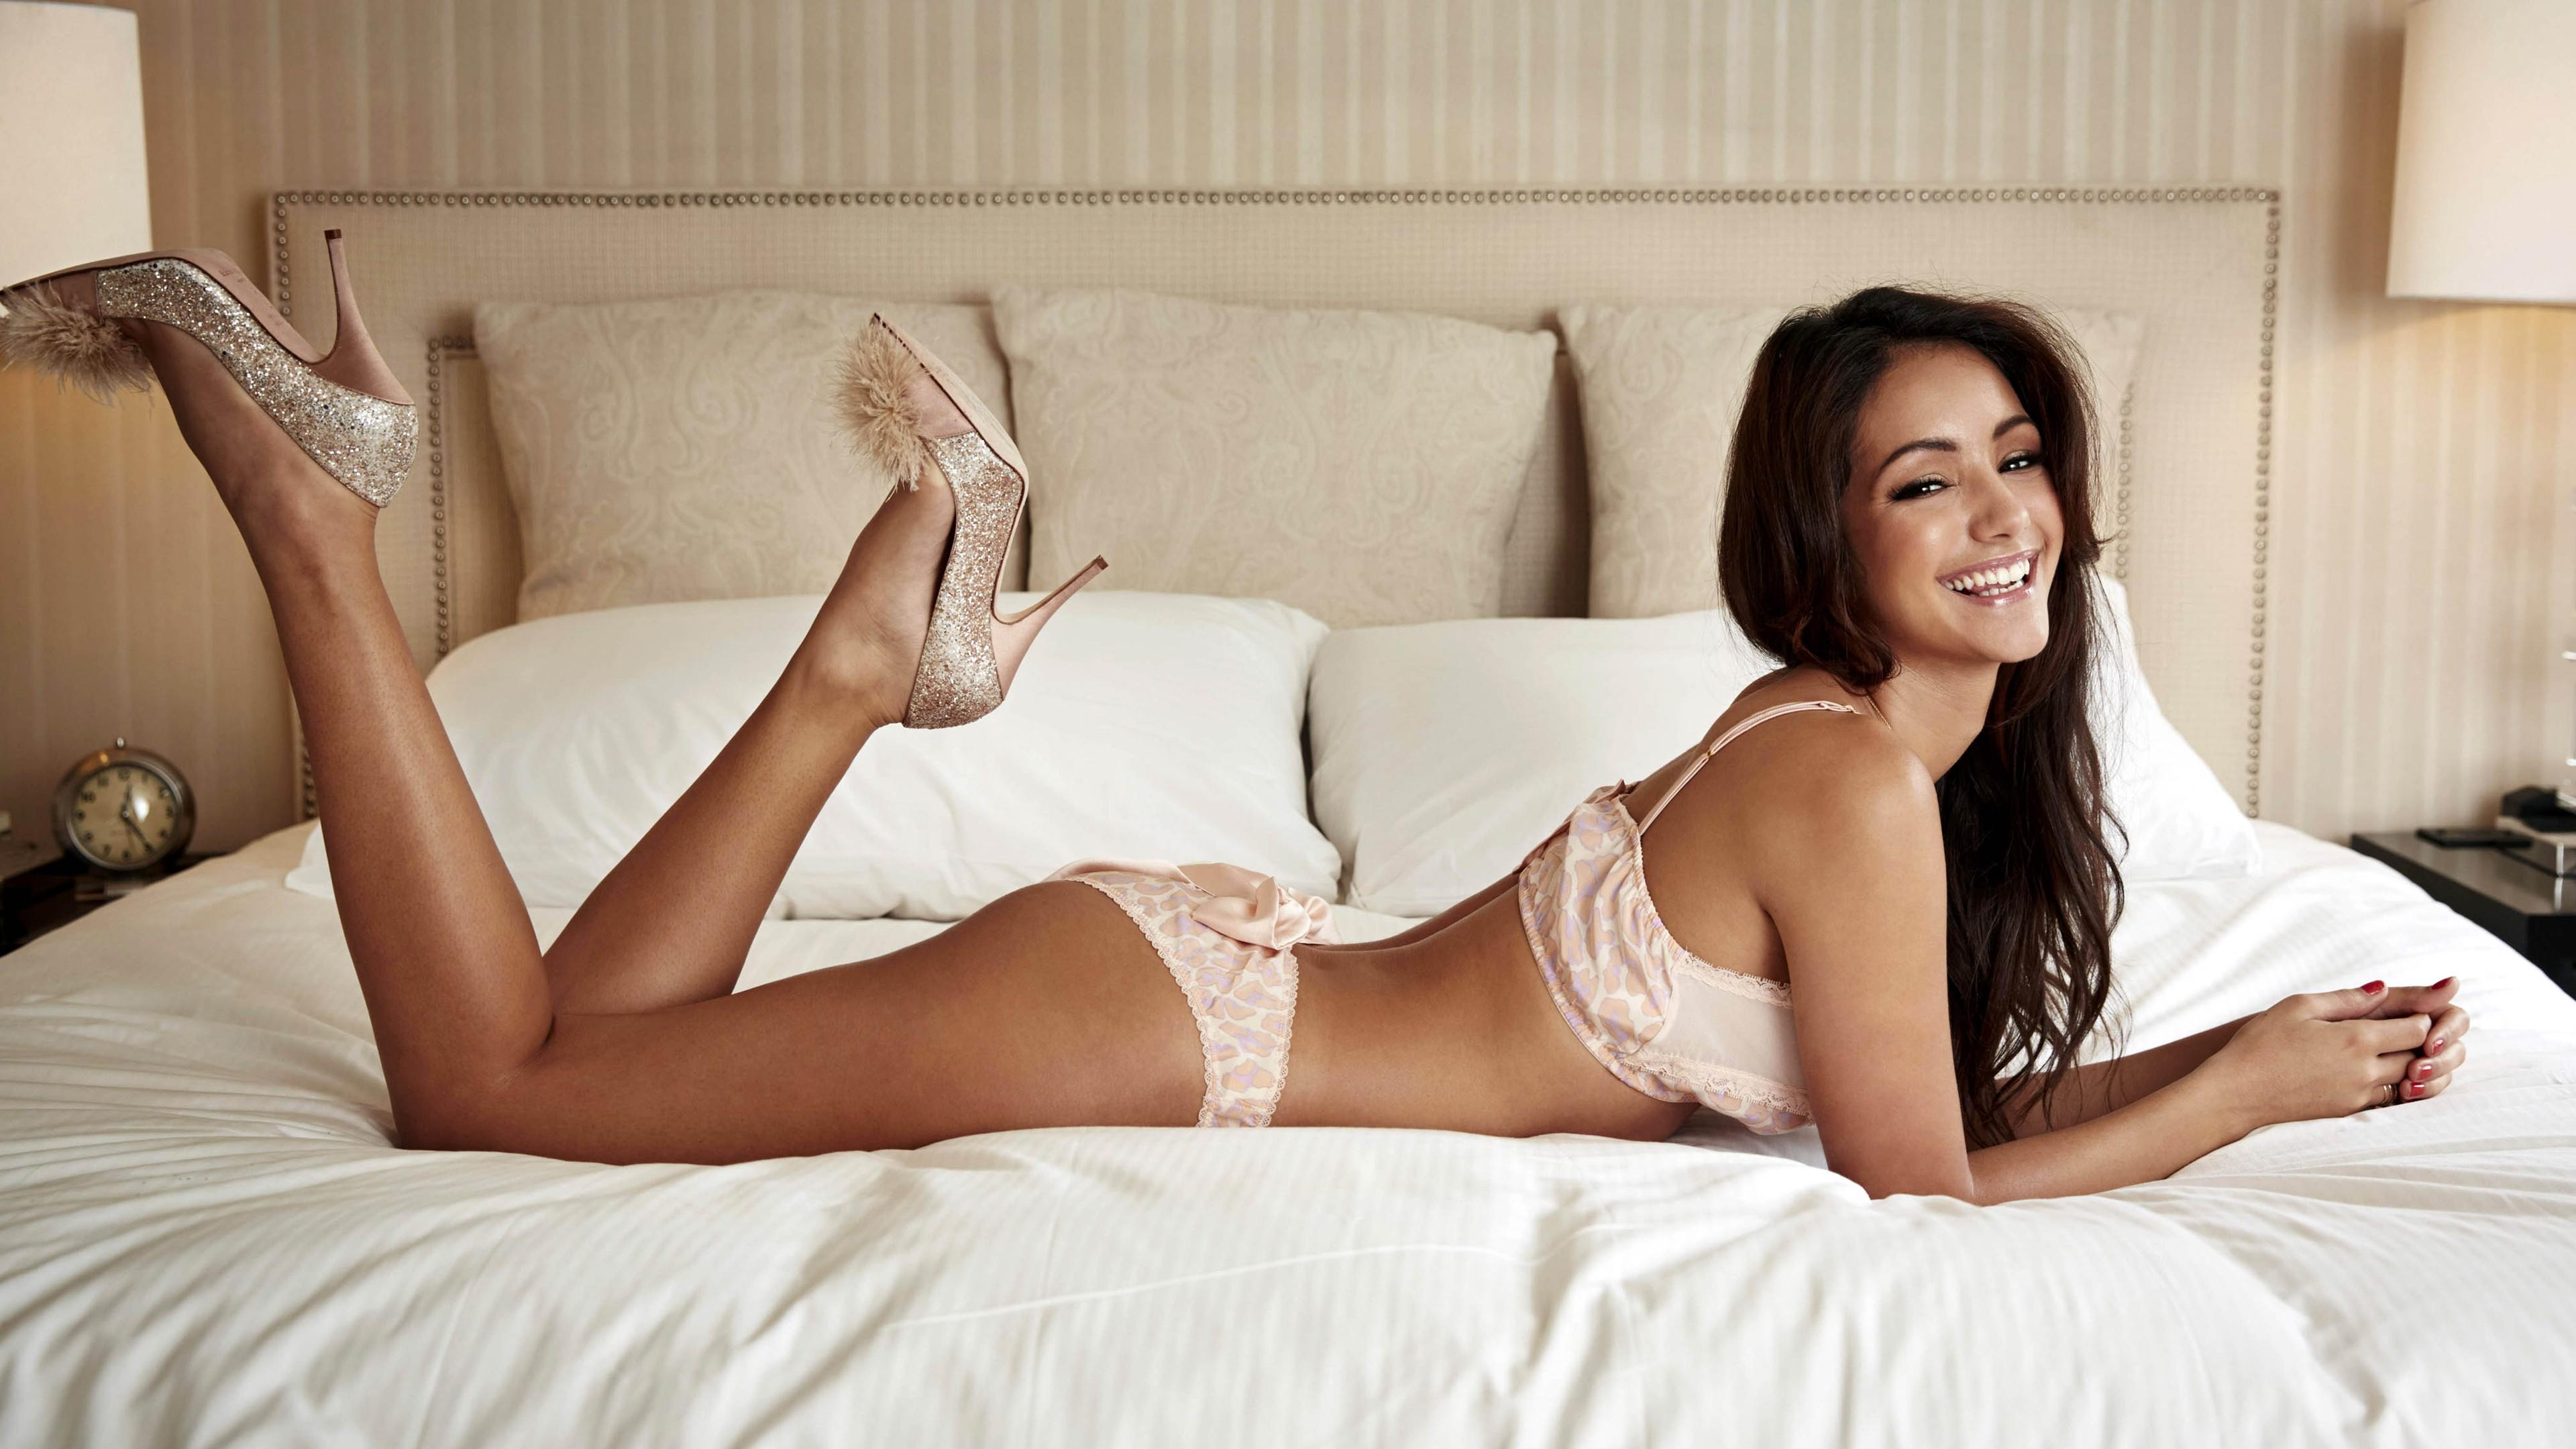 Model Long Hair Brunette Ass High Heels Smiling Black Hair Hair Lingerie  Bedroom Clothing Supermodel Melanie